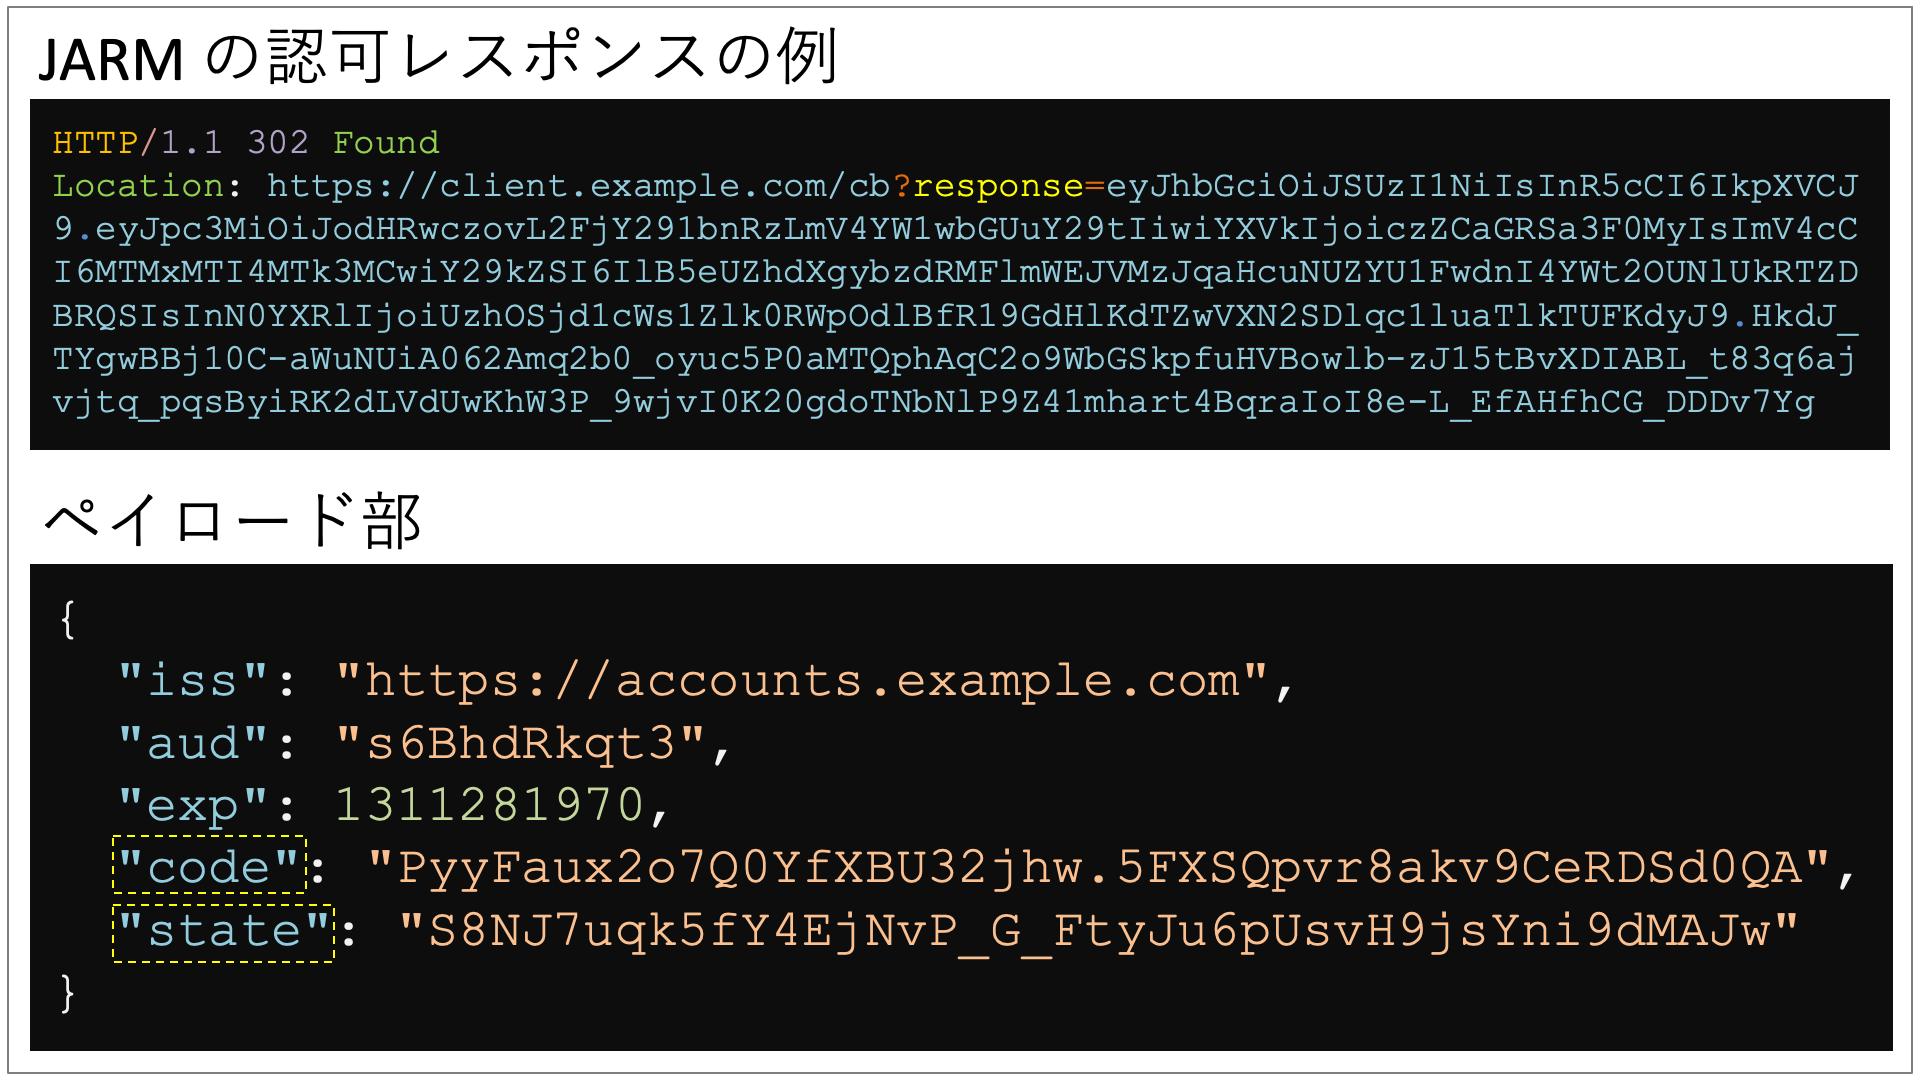 jarm_example_ja.png